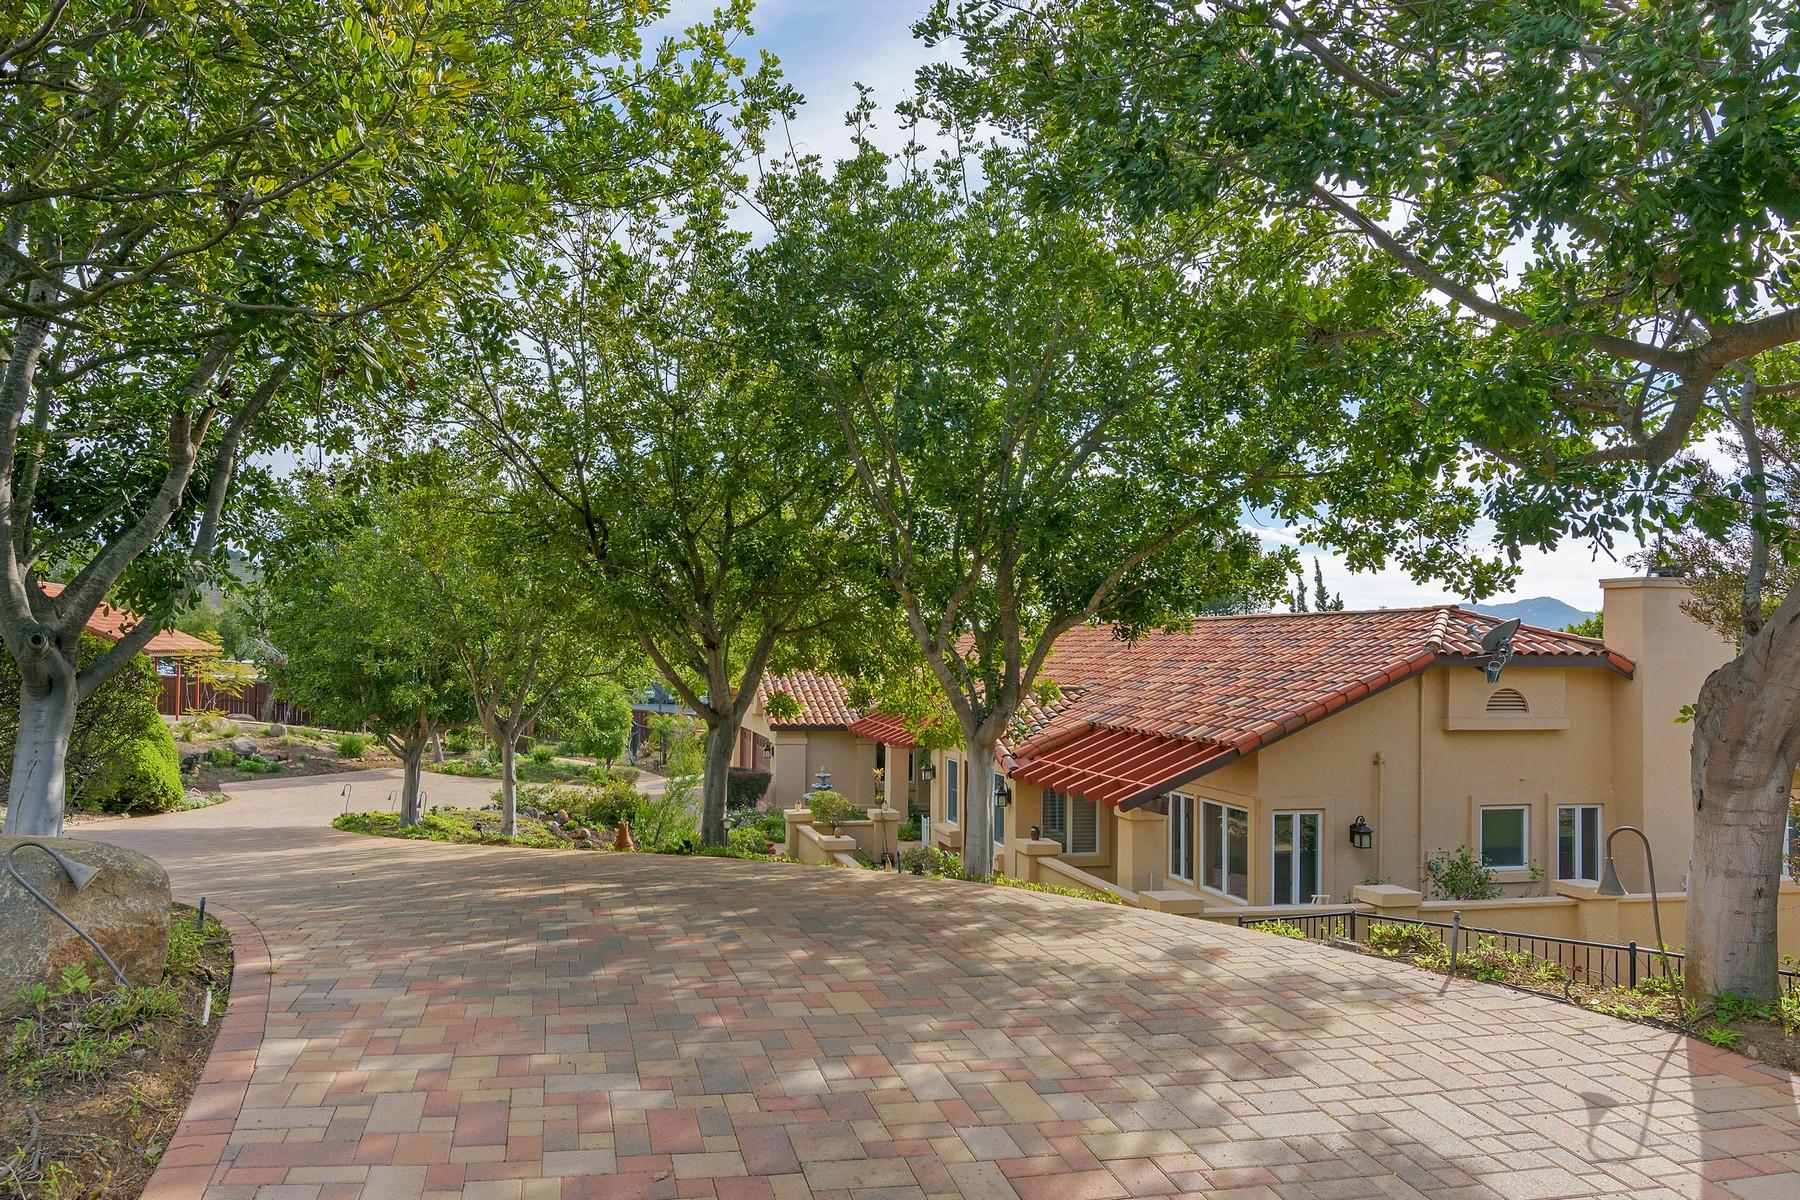 Maison unifamiliale pour l Vente à 14383 Blue Sage Road Poway, Californie, 92064 États-Unis